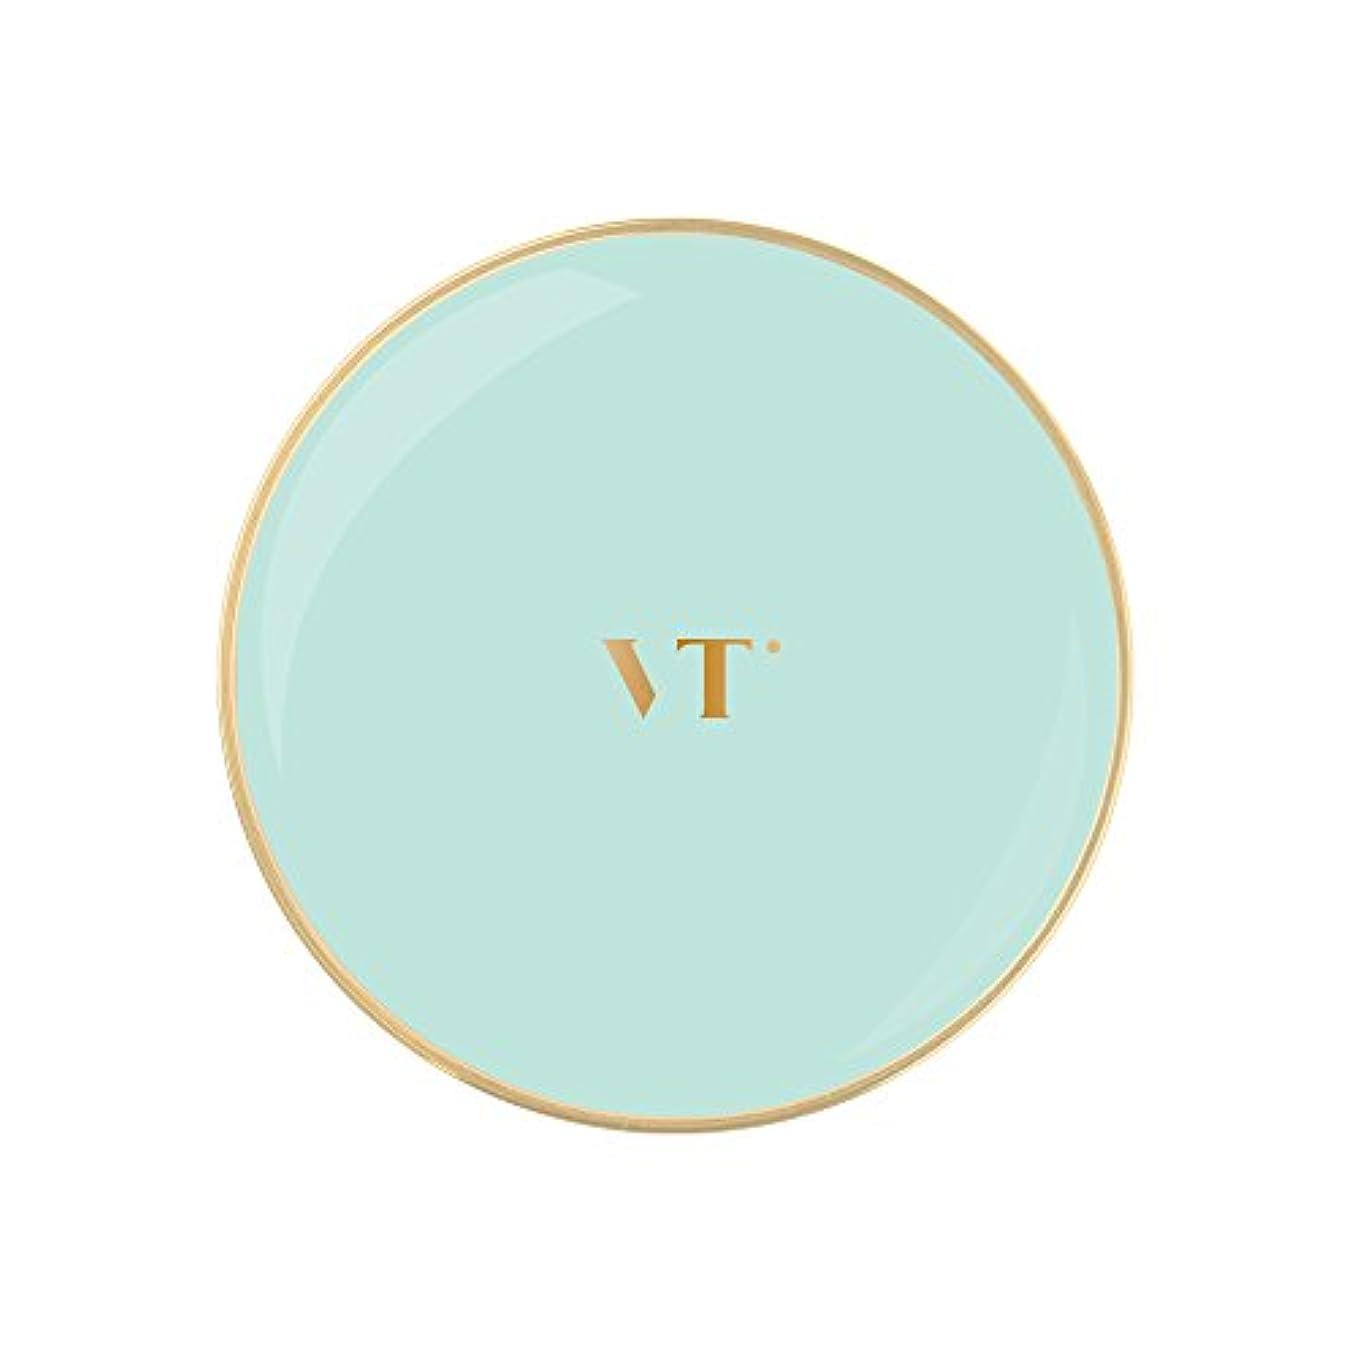 規則性麦芽ロマンチックVT Blue Collagen Pact 11g/ブイティー ブルー コラーゲン パクト 11g (#21) [並行輸入品]